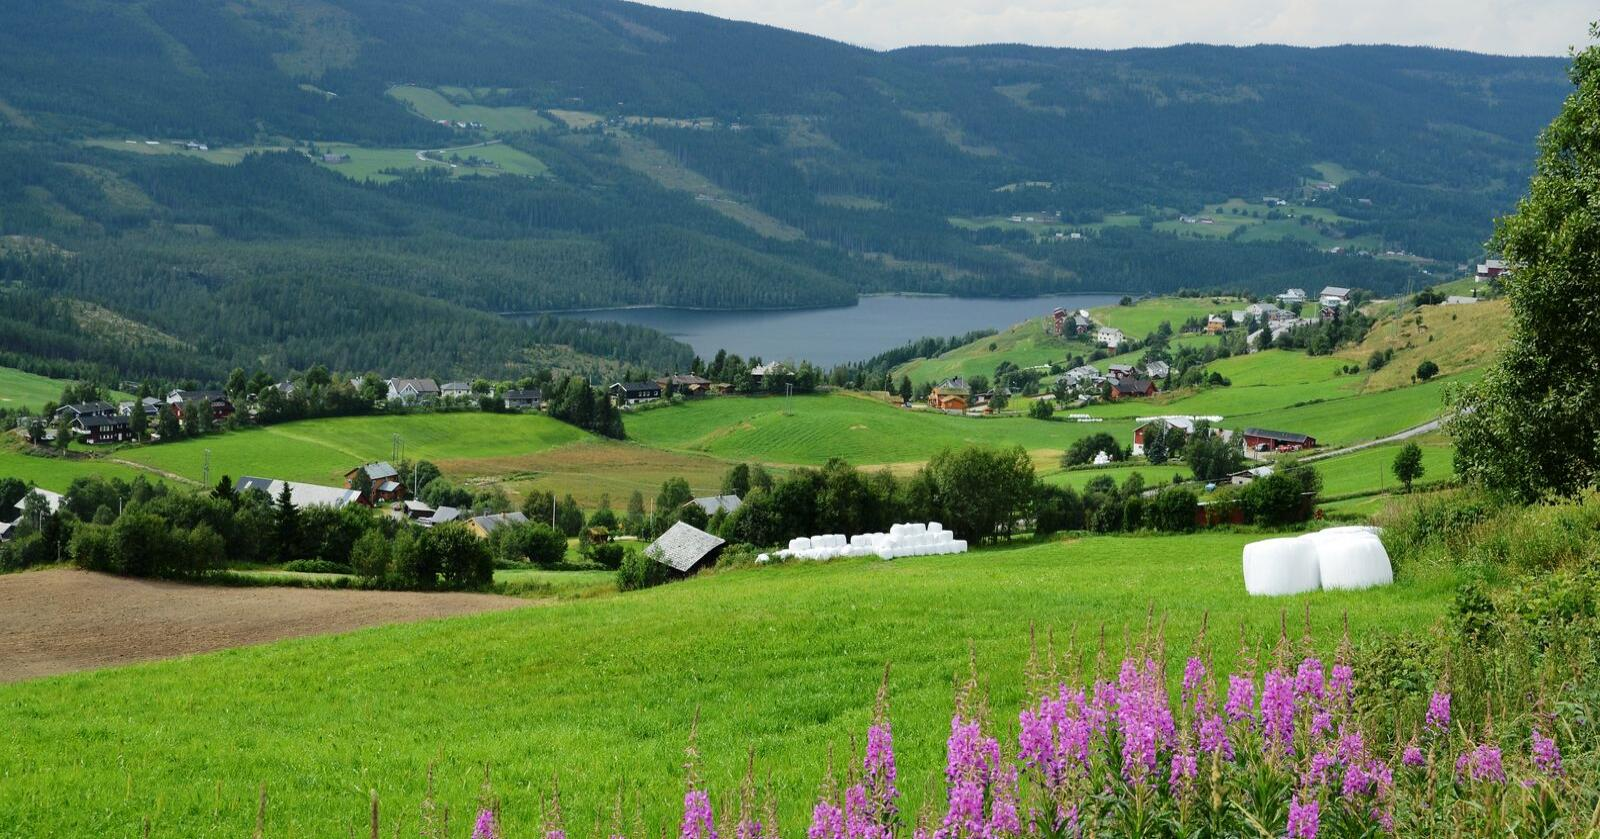 Et gårdsbruk er både en arbeidsplass og en bolig. Det er en investering i trivsel og trygghet, skriver Øyvind H. Ekeberg. Bildet er fra Valdres. (Arkivfoto)